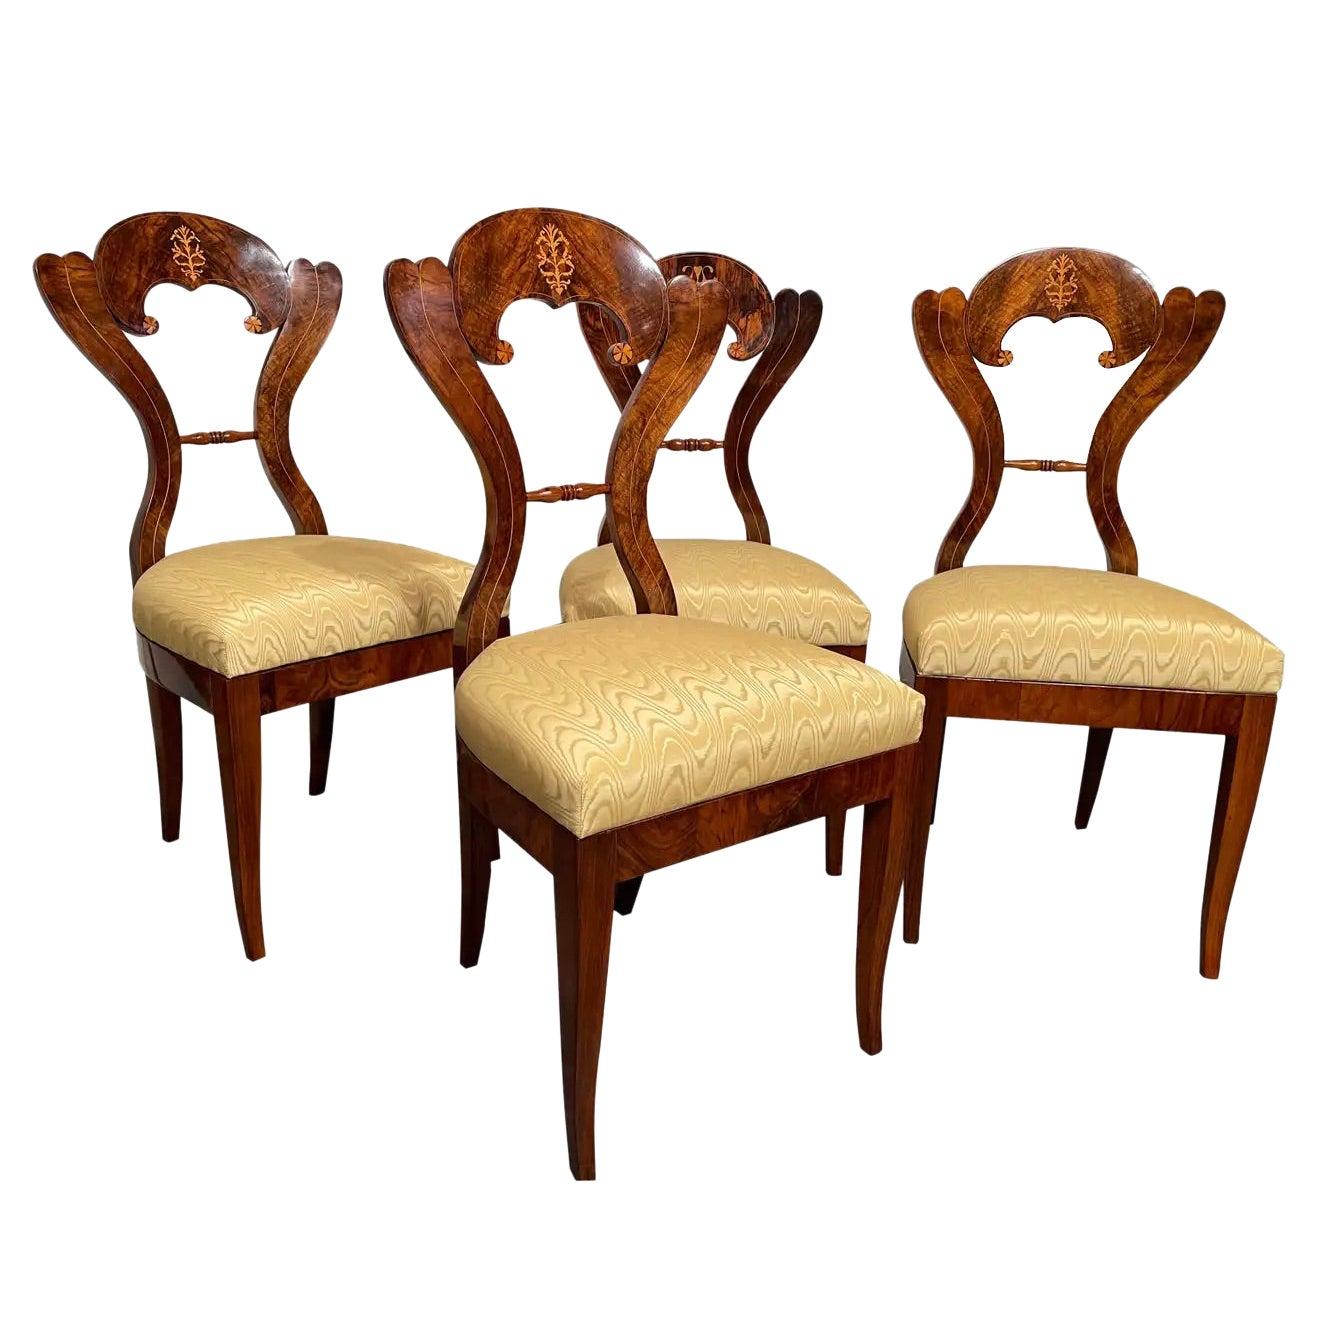 Set of Four Biedermeier Chairs, Vienna 1820, Attributed to Josef Danhauser